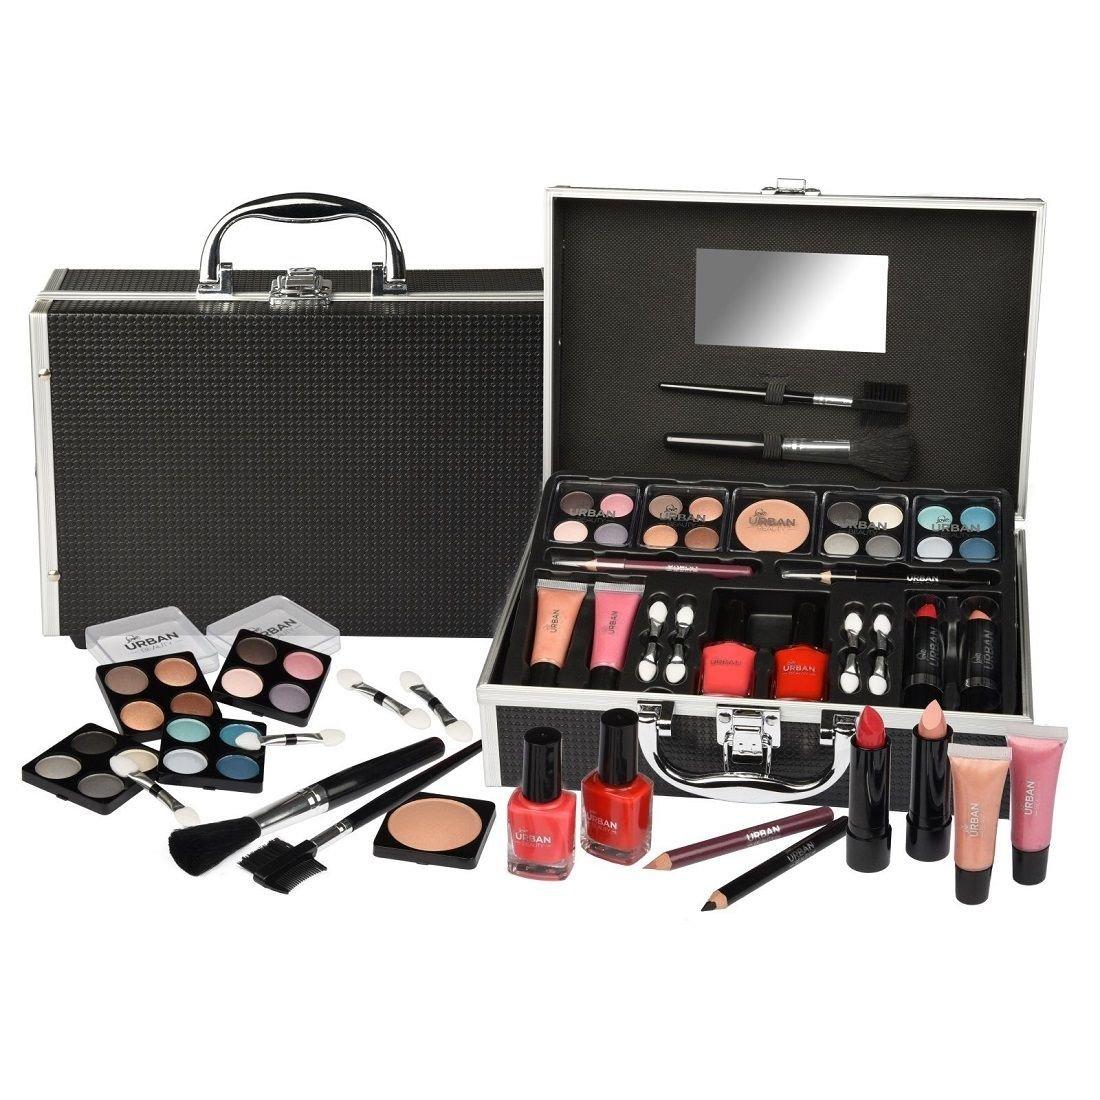 Kit de Maquillaje genérico para Llevar cosméticos, Maquillaje, Caja de Maquillaje, Caja de Regalo, Caja de Regalo Negra para gi niñas, Caja de Maquillaje, Estuche de Viaje: Amazon.es: Electrónica